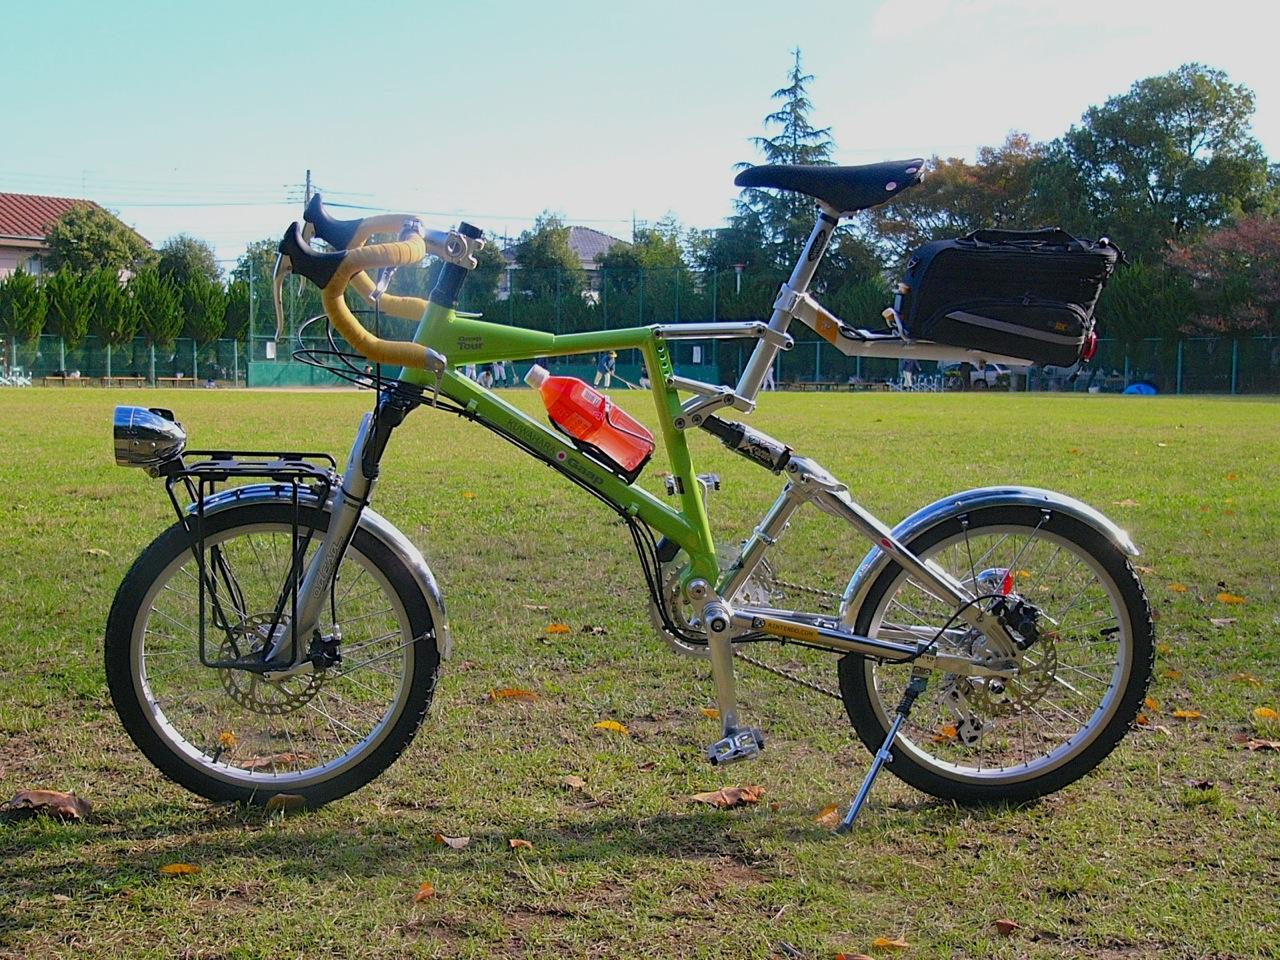 自転車の jr 自転車 輪行 : ... 、現実的な輪行は難しい